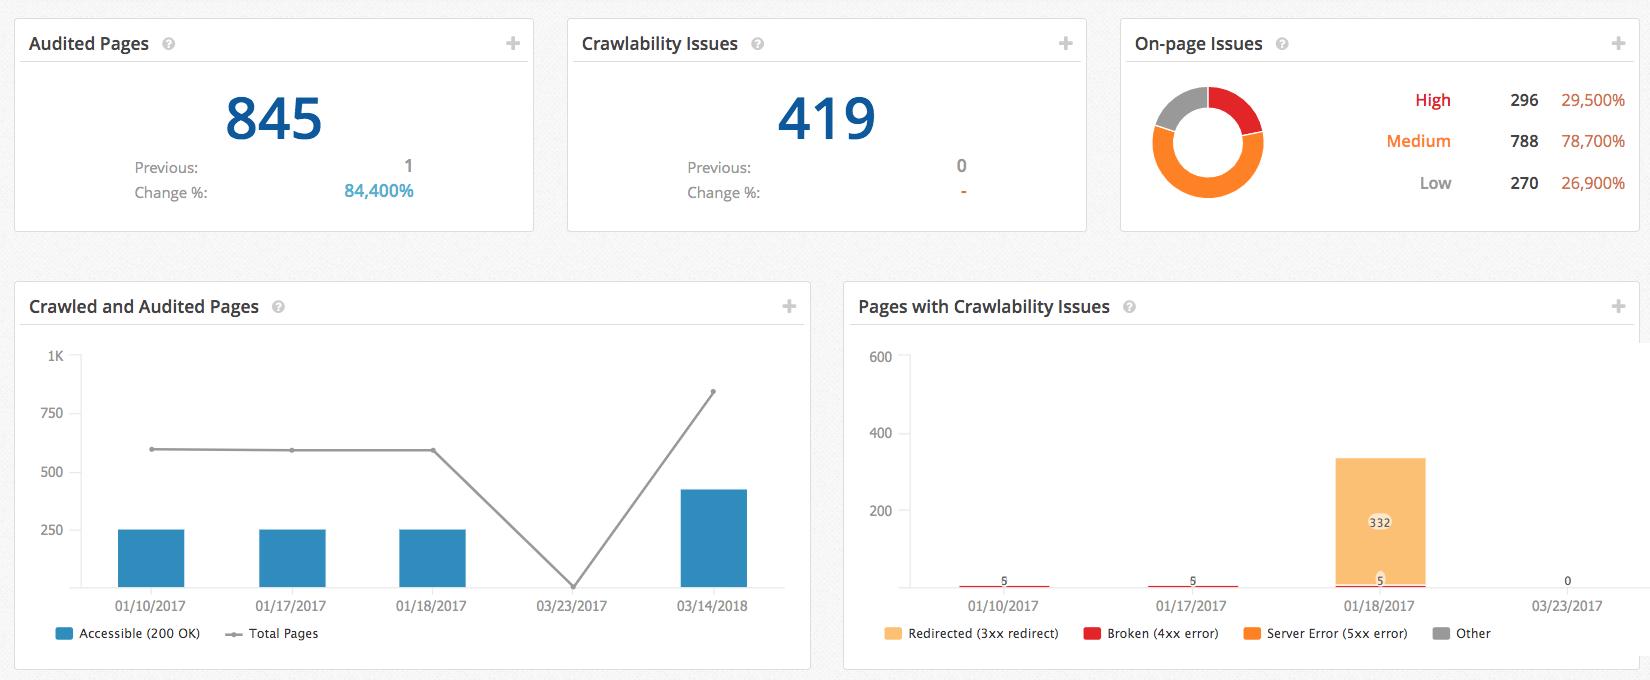 Clarity_Audit_Report-4